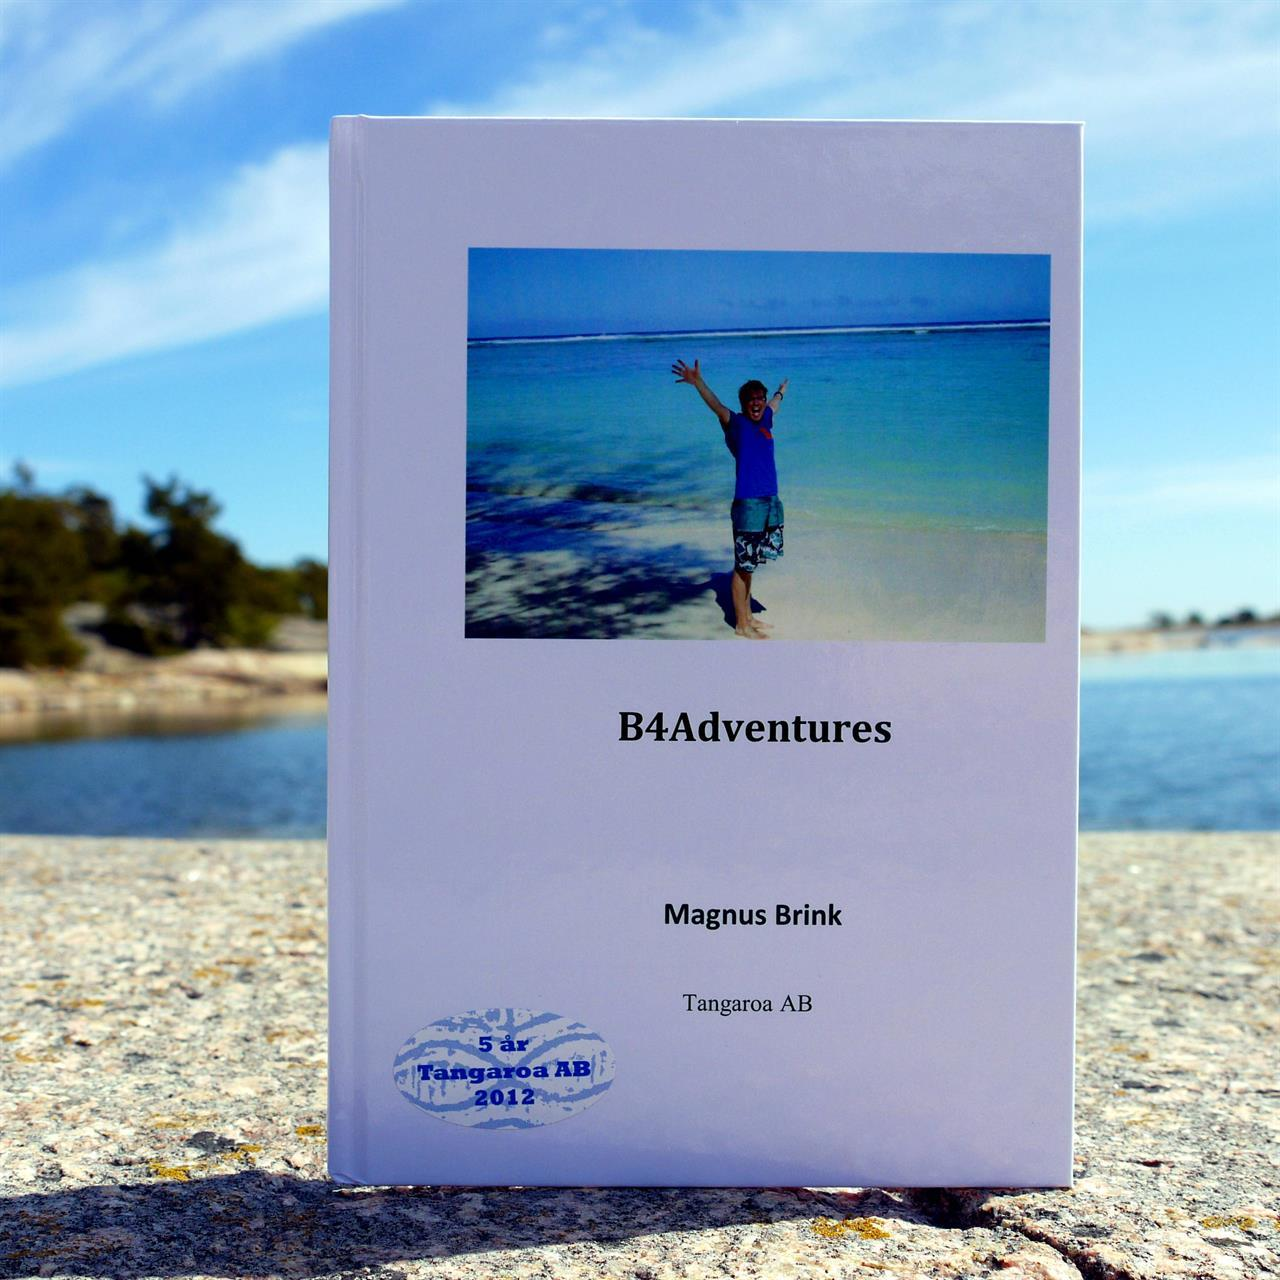 Boken B4Adventures